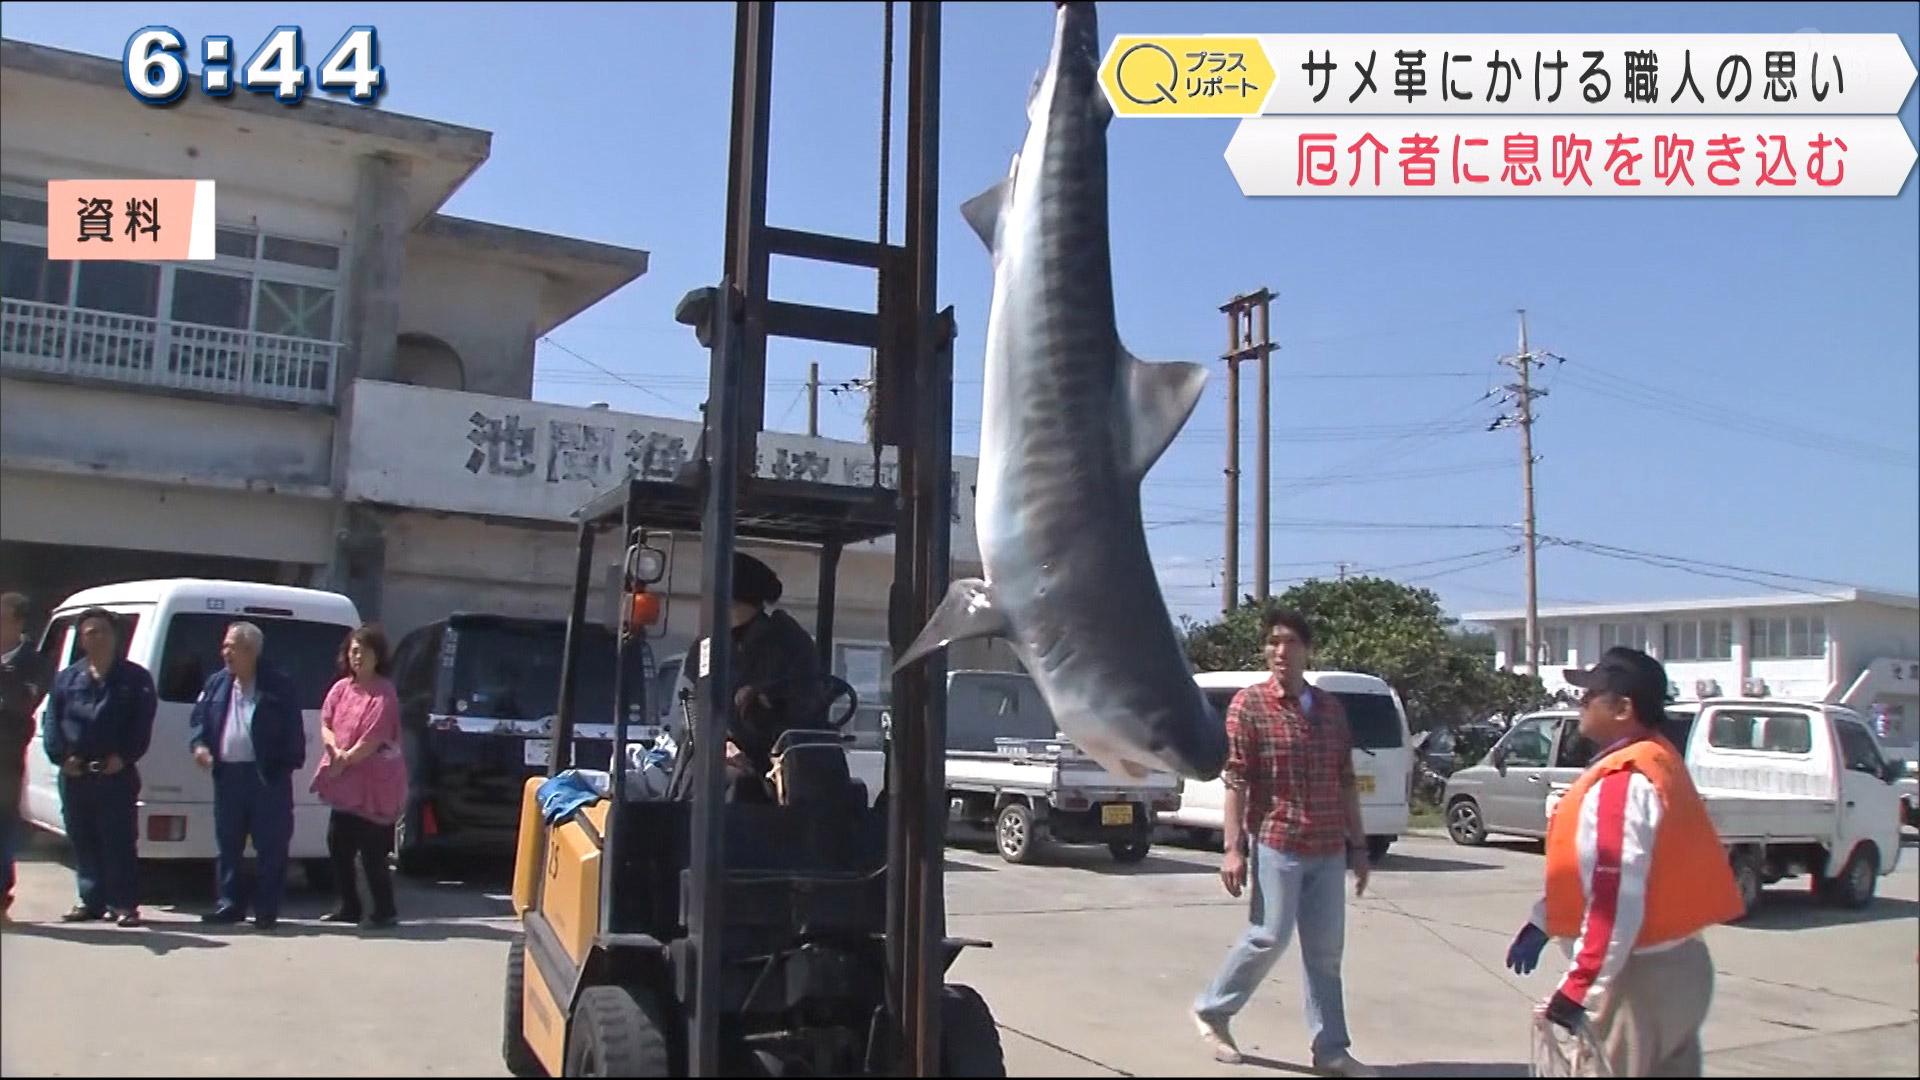 サメ革にかける職人の思い 厄介「者」を役立つ「者」に